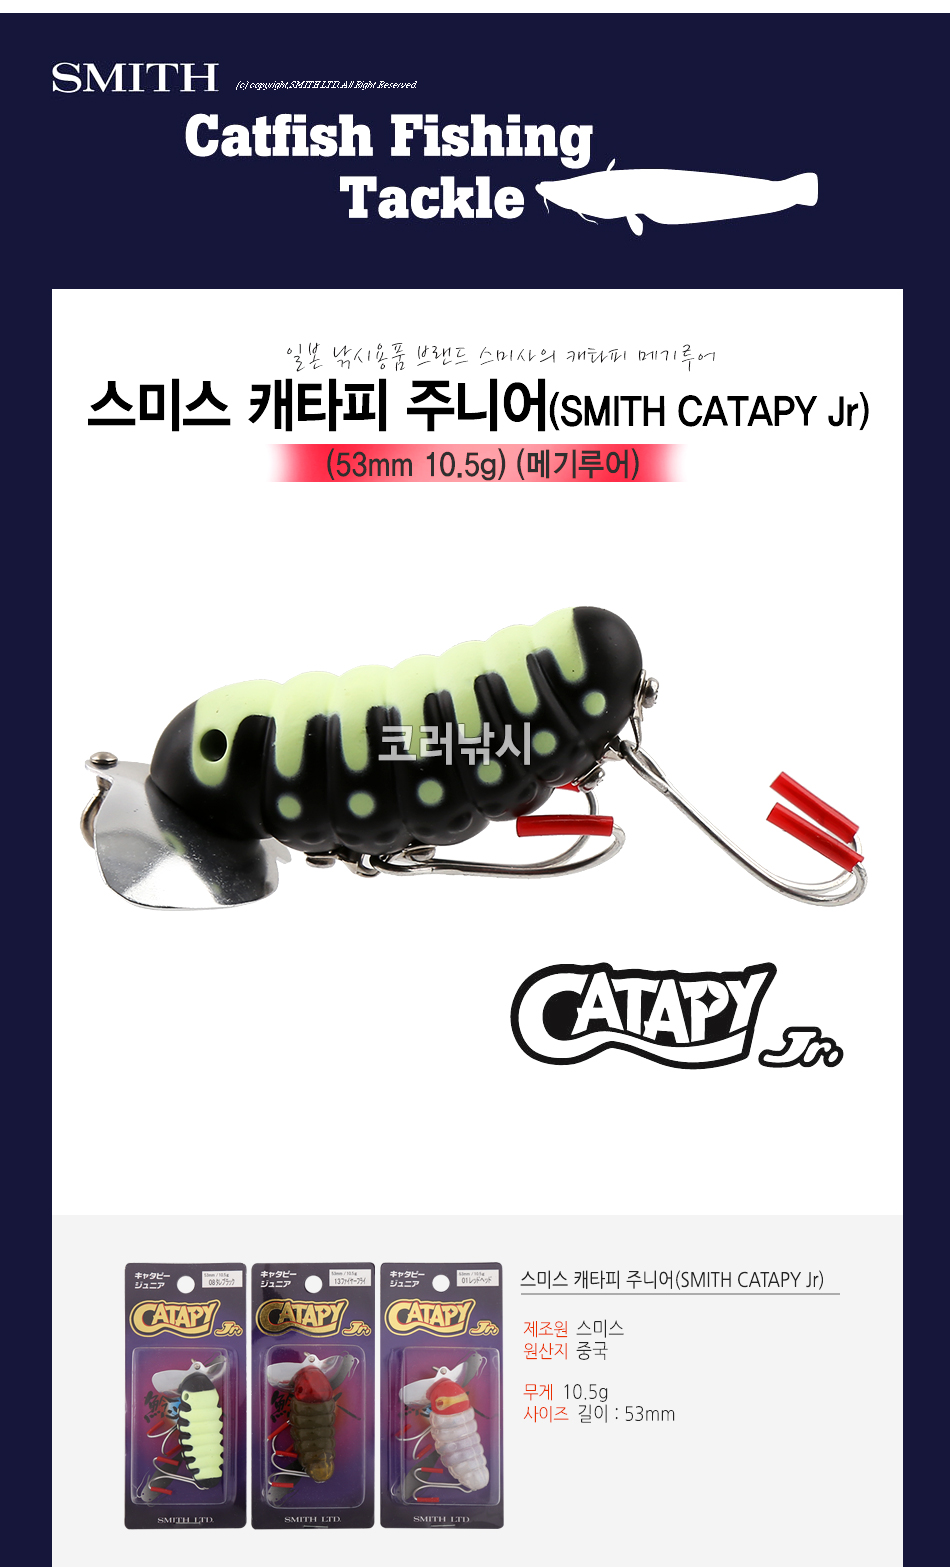 스미스 캐타피 주니어 SMITH CATAPY Jr 53mm 10.5g 메기낚시 메기루어낚시 야간메기낚시 야간루어낚시 밤루어낚시 루어밤낚시 메기탑워터